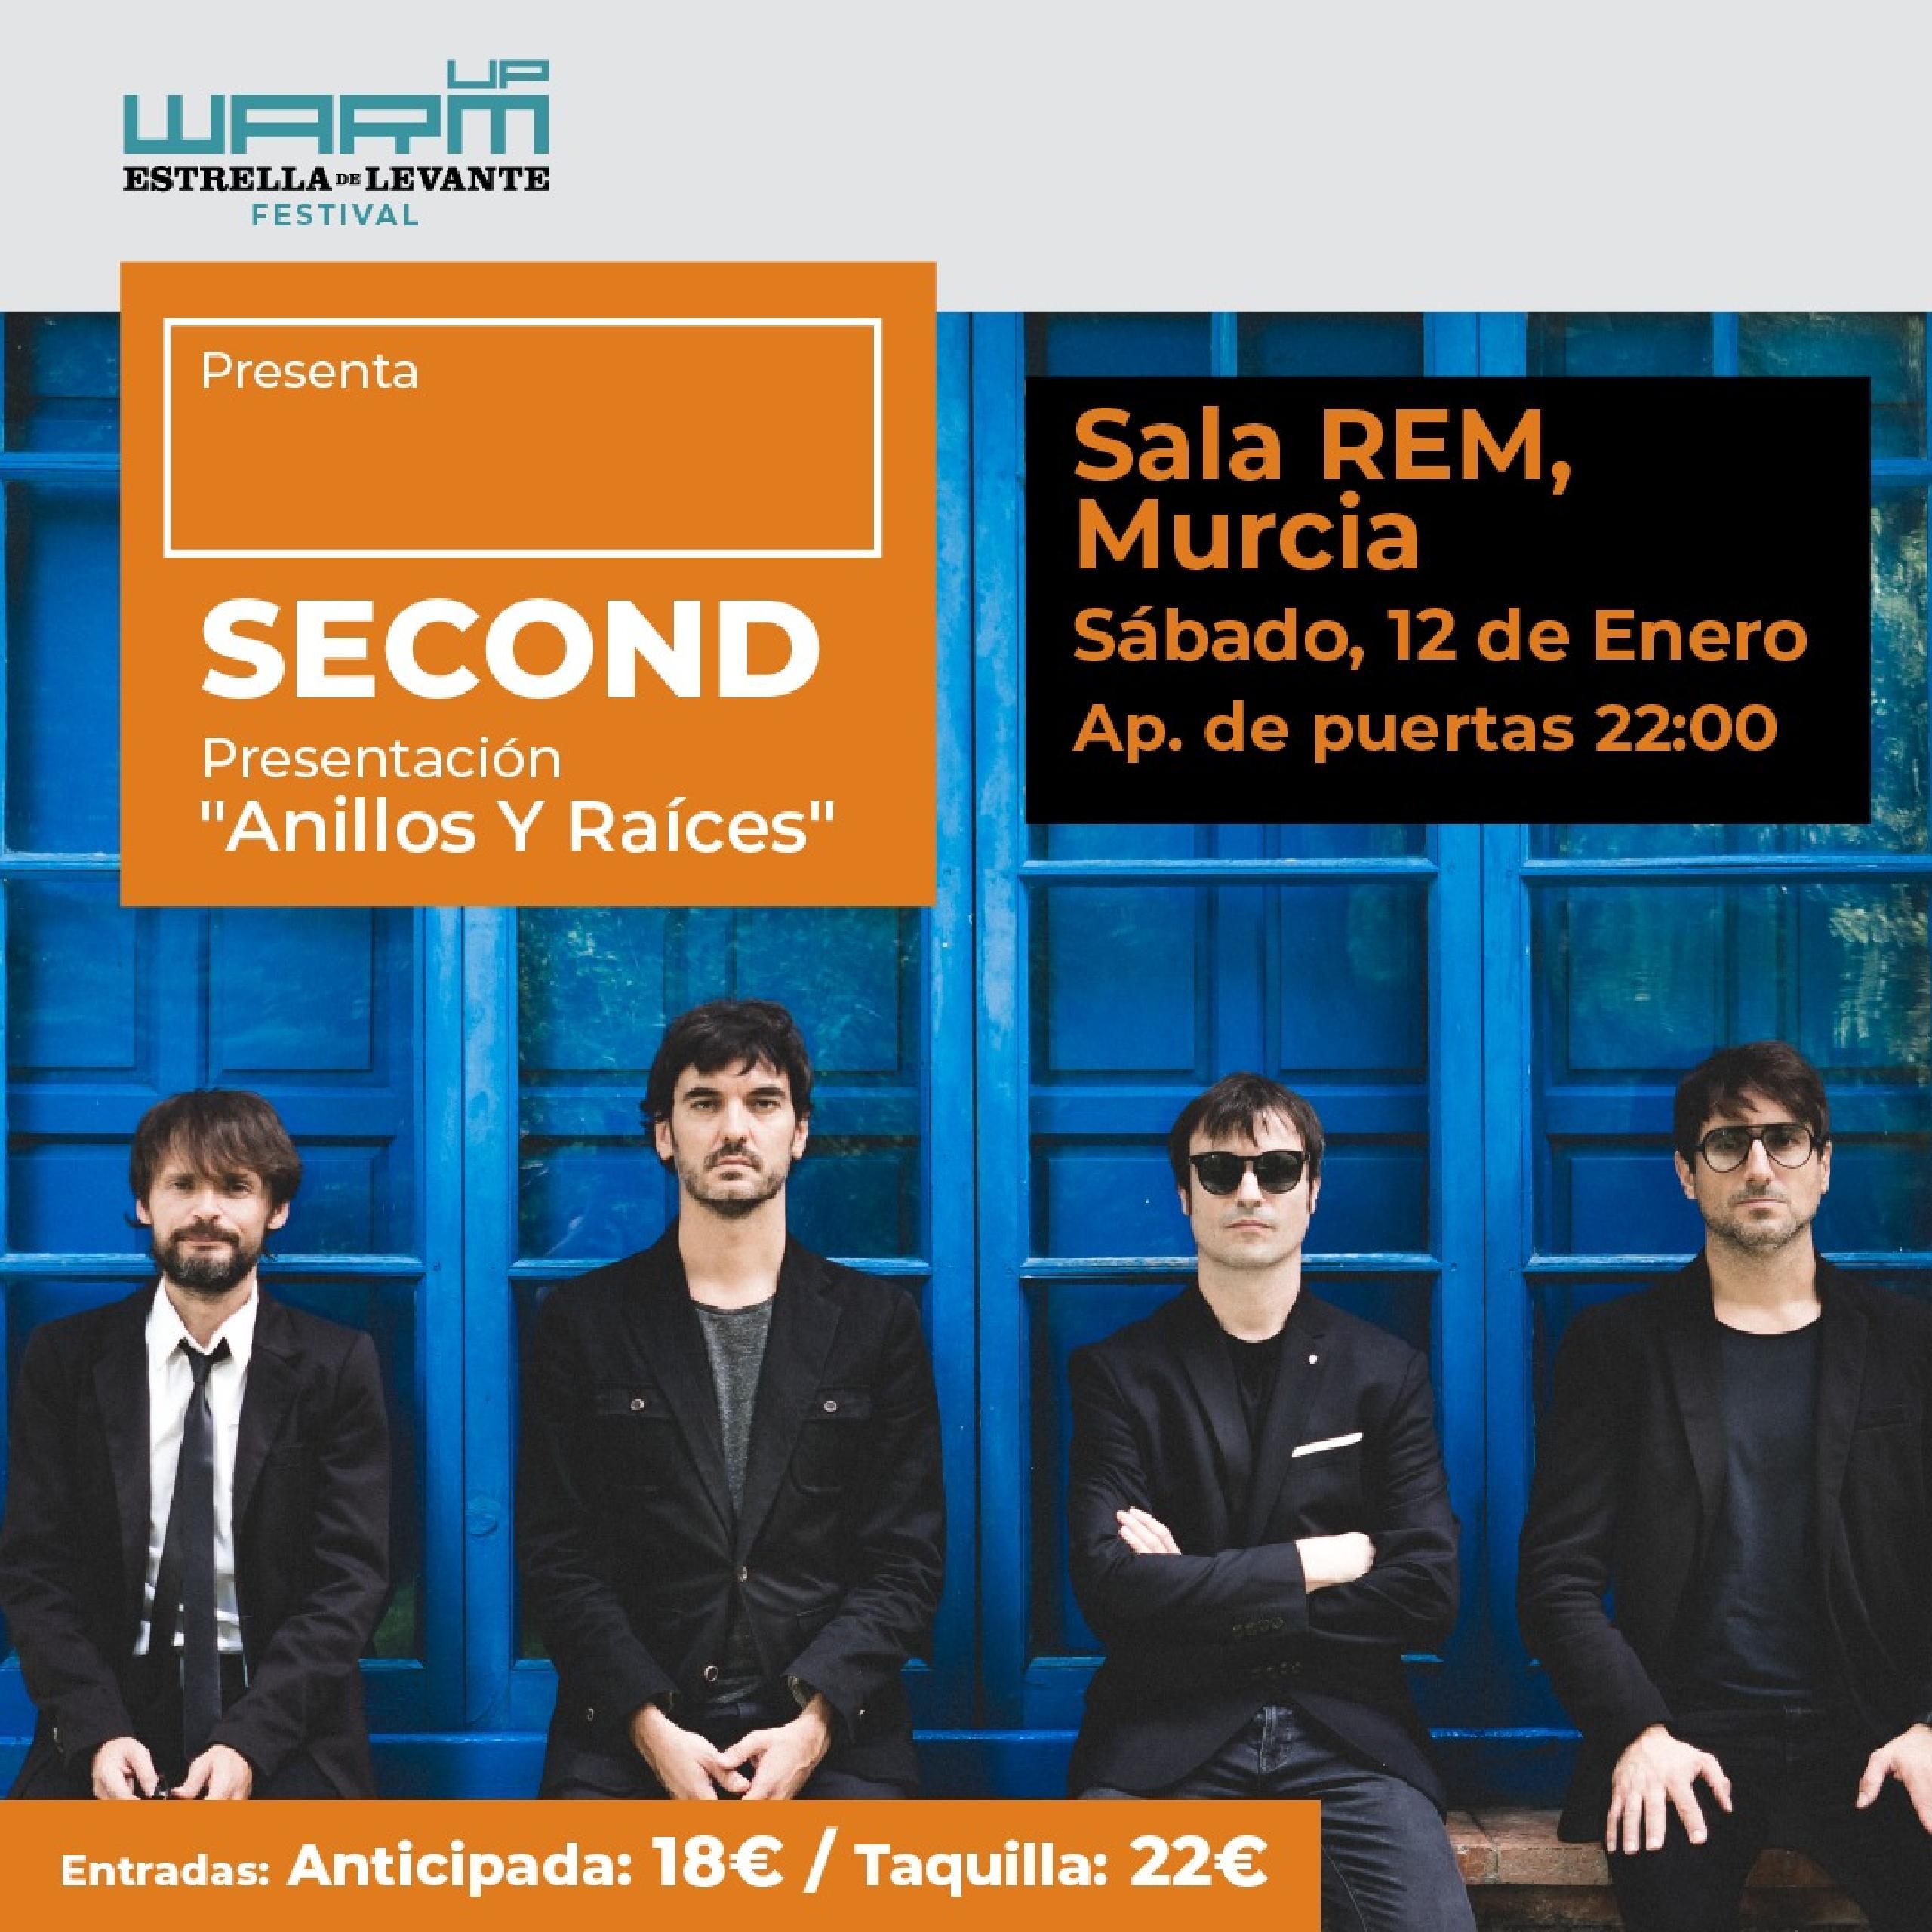 Concierto de Second en Murcia (2ª fecha)